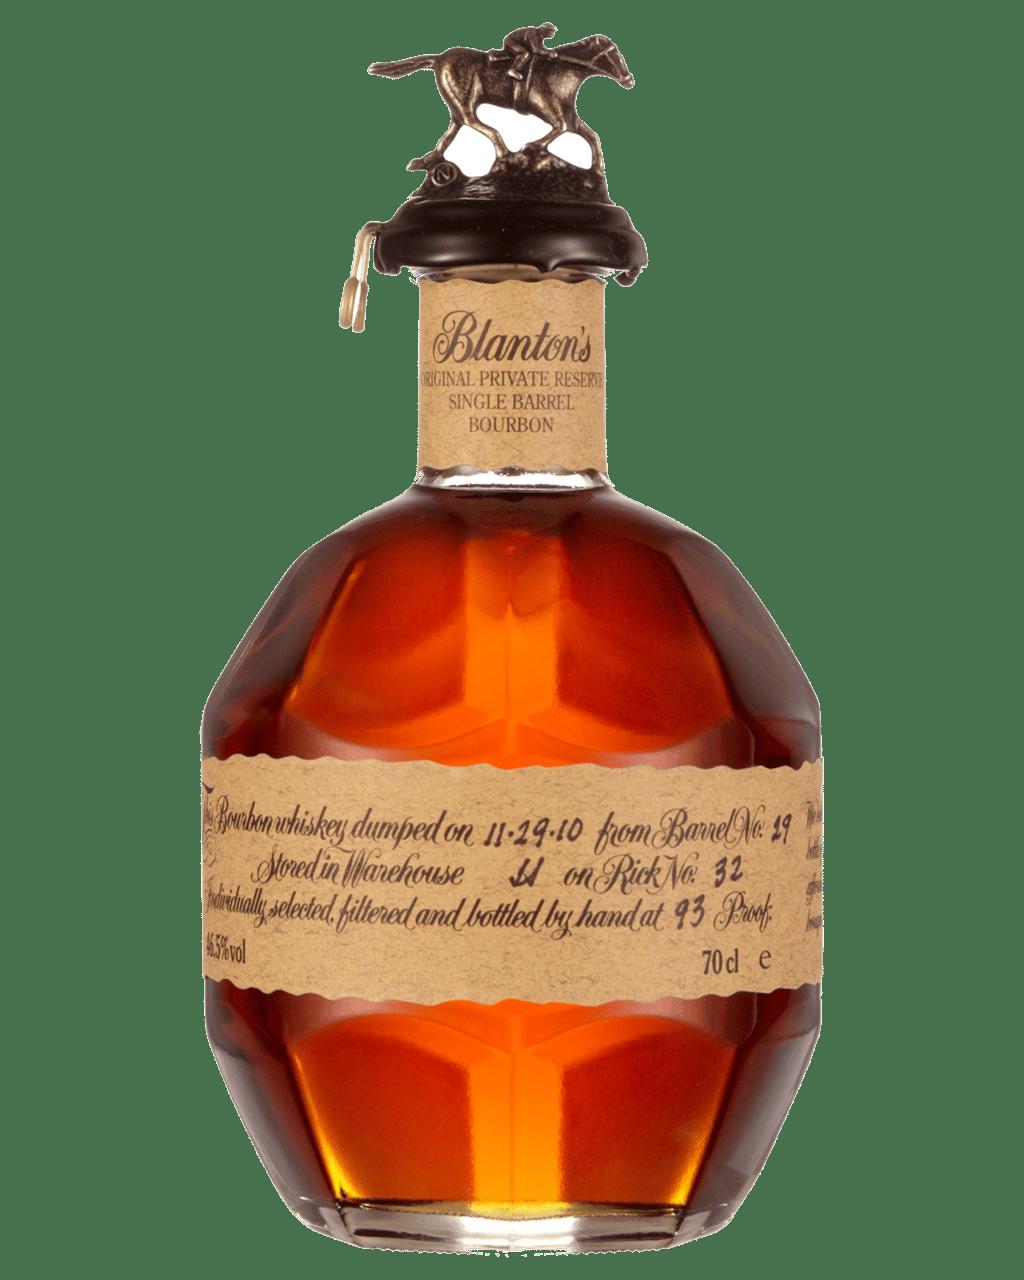 997bb3cecc85e Blanton s Original Private Reserve Single Barrel Bourbon 700mL. Previous